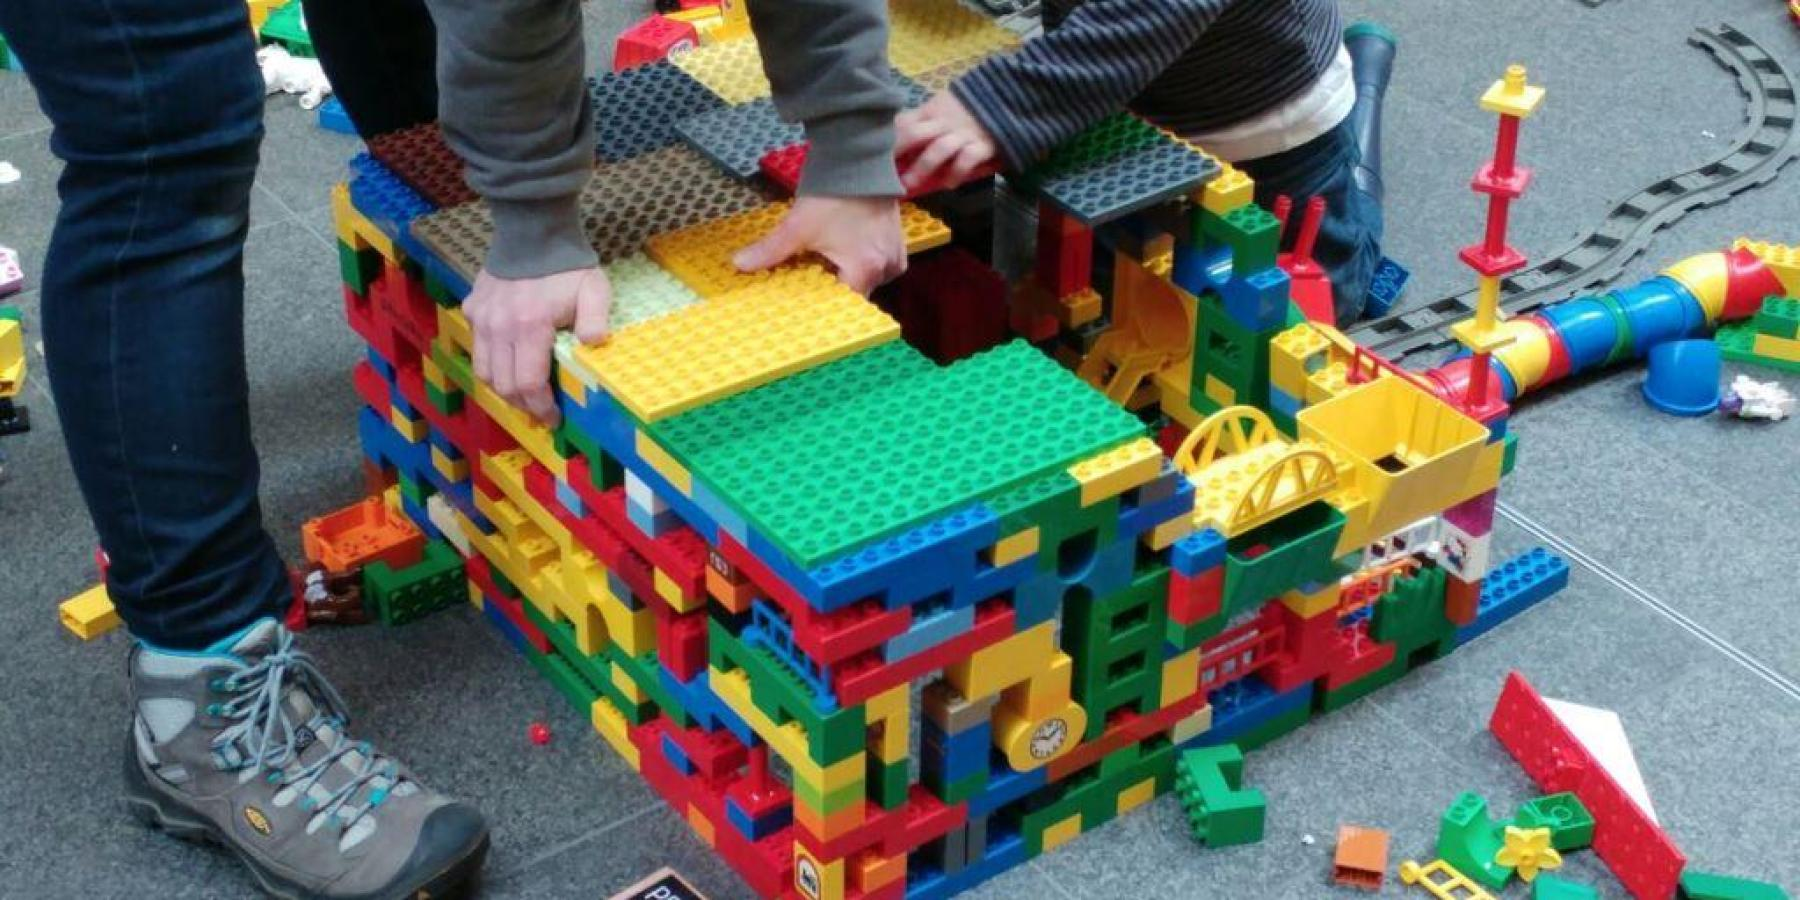 Lego-Bauwettbewerb: Abstimmung läuft